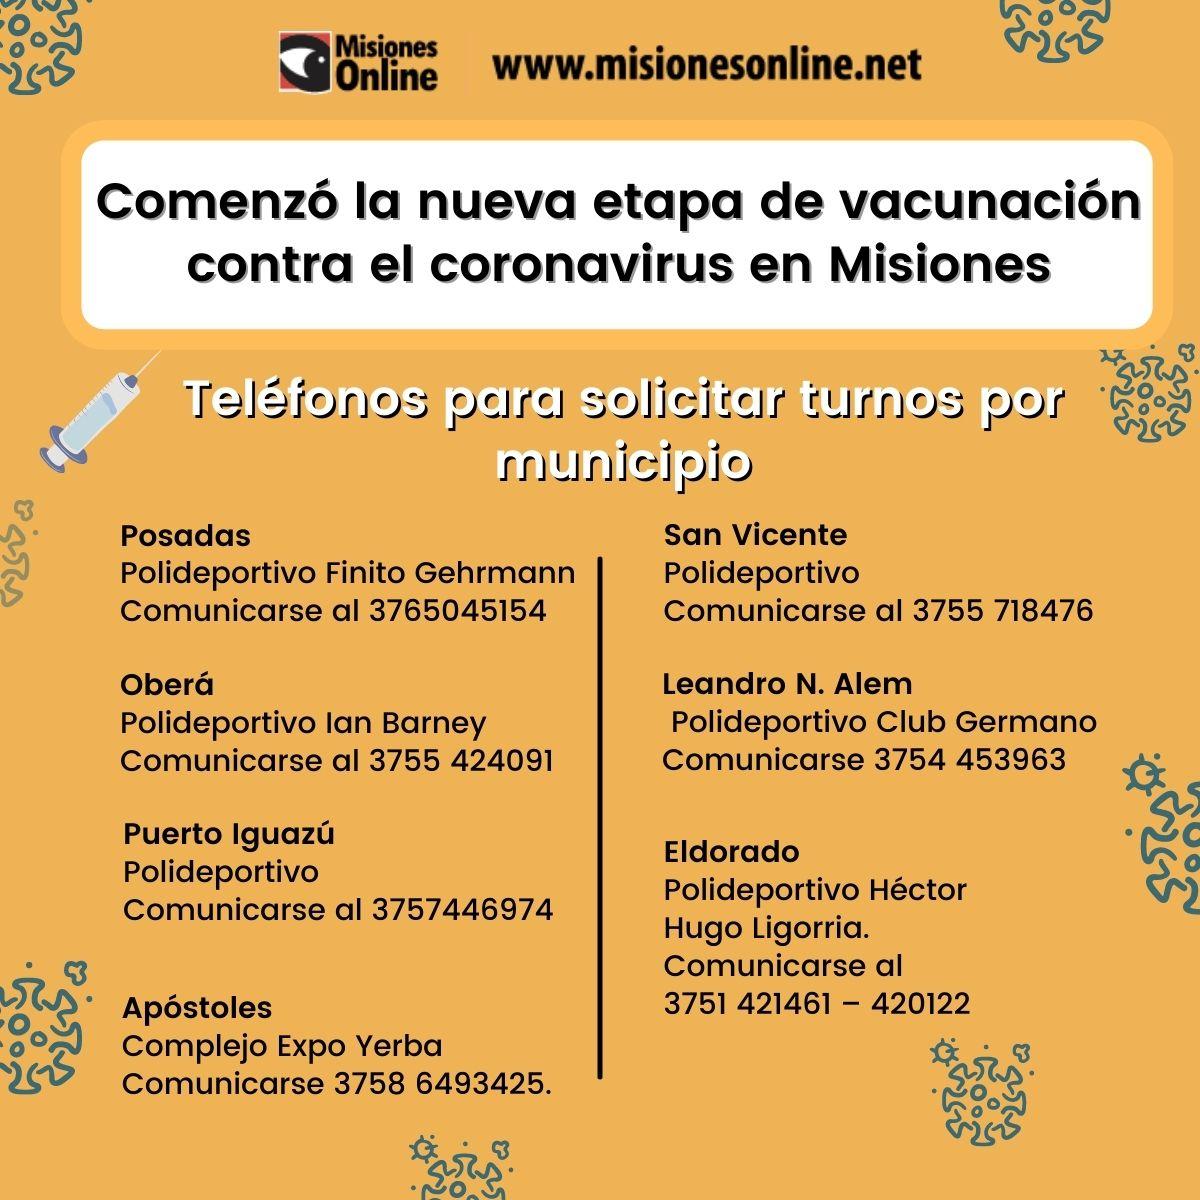 Vacunación en Misiones: las líneas telefónicas habilitadas de turnos solamente son para mayores de 75 años